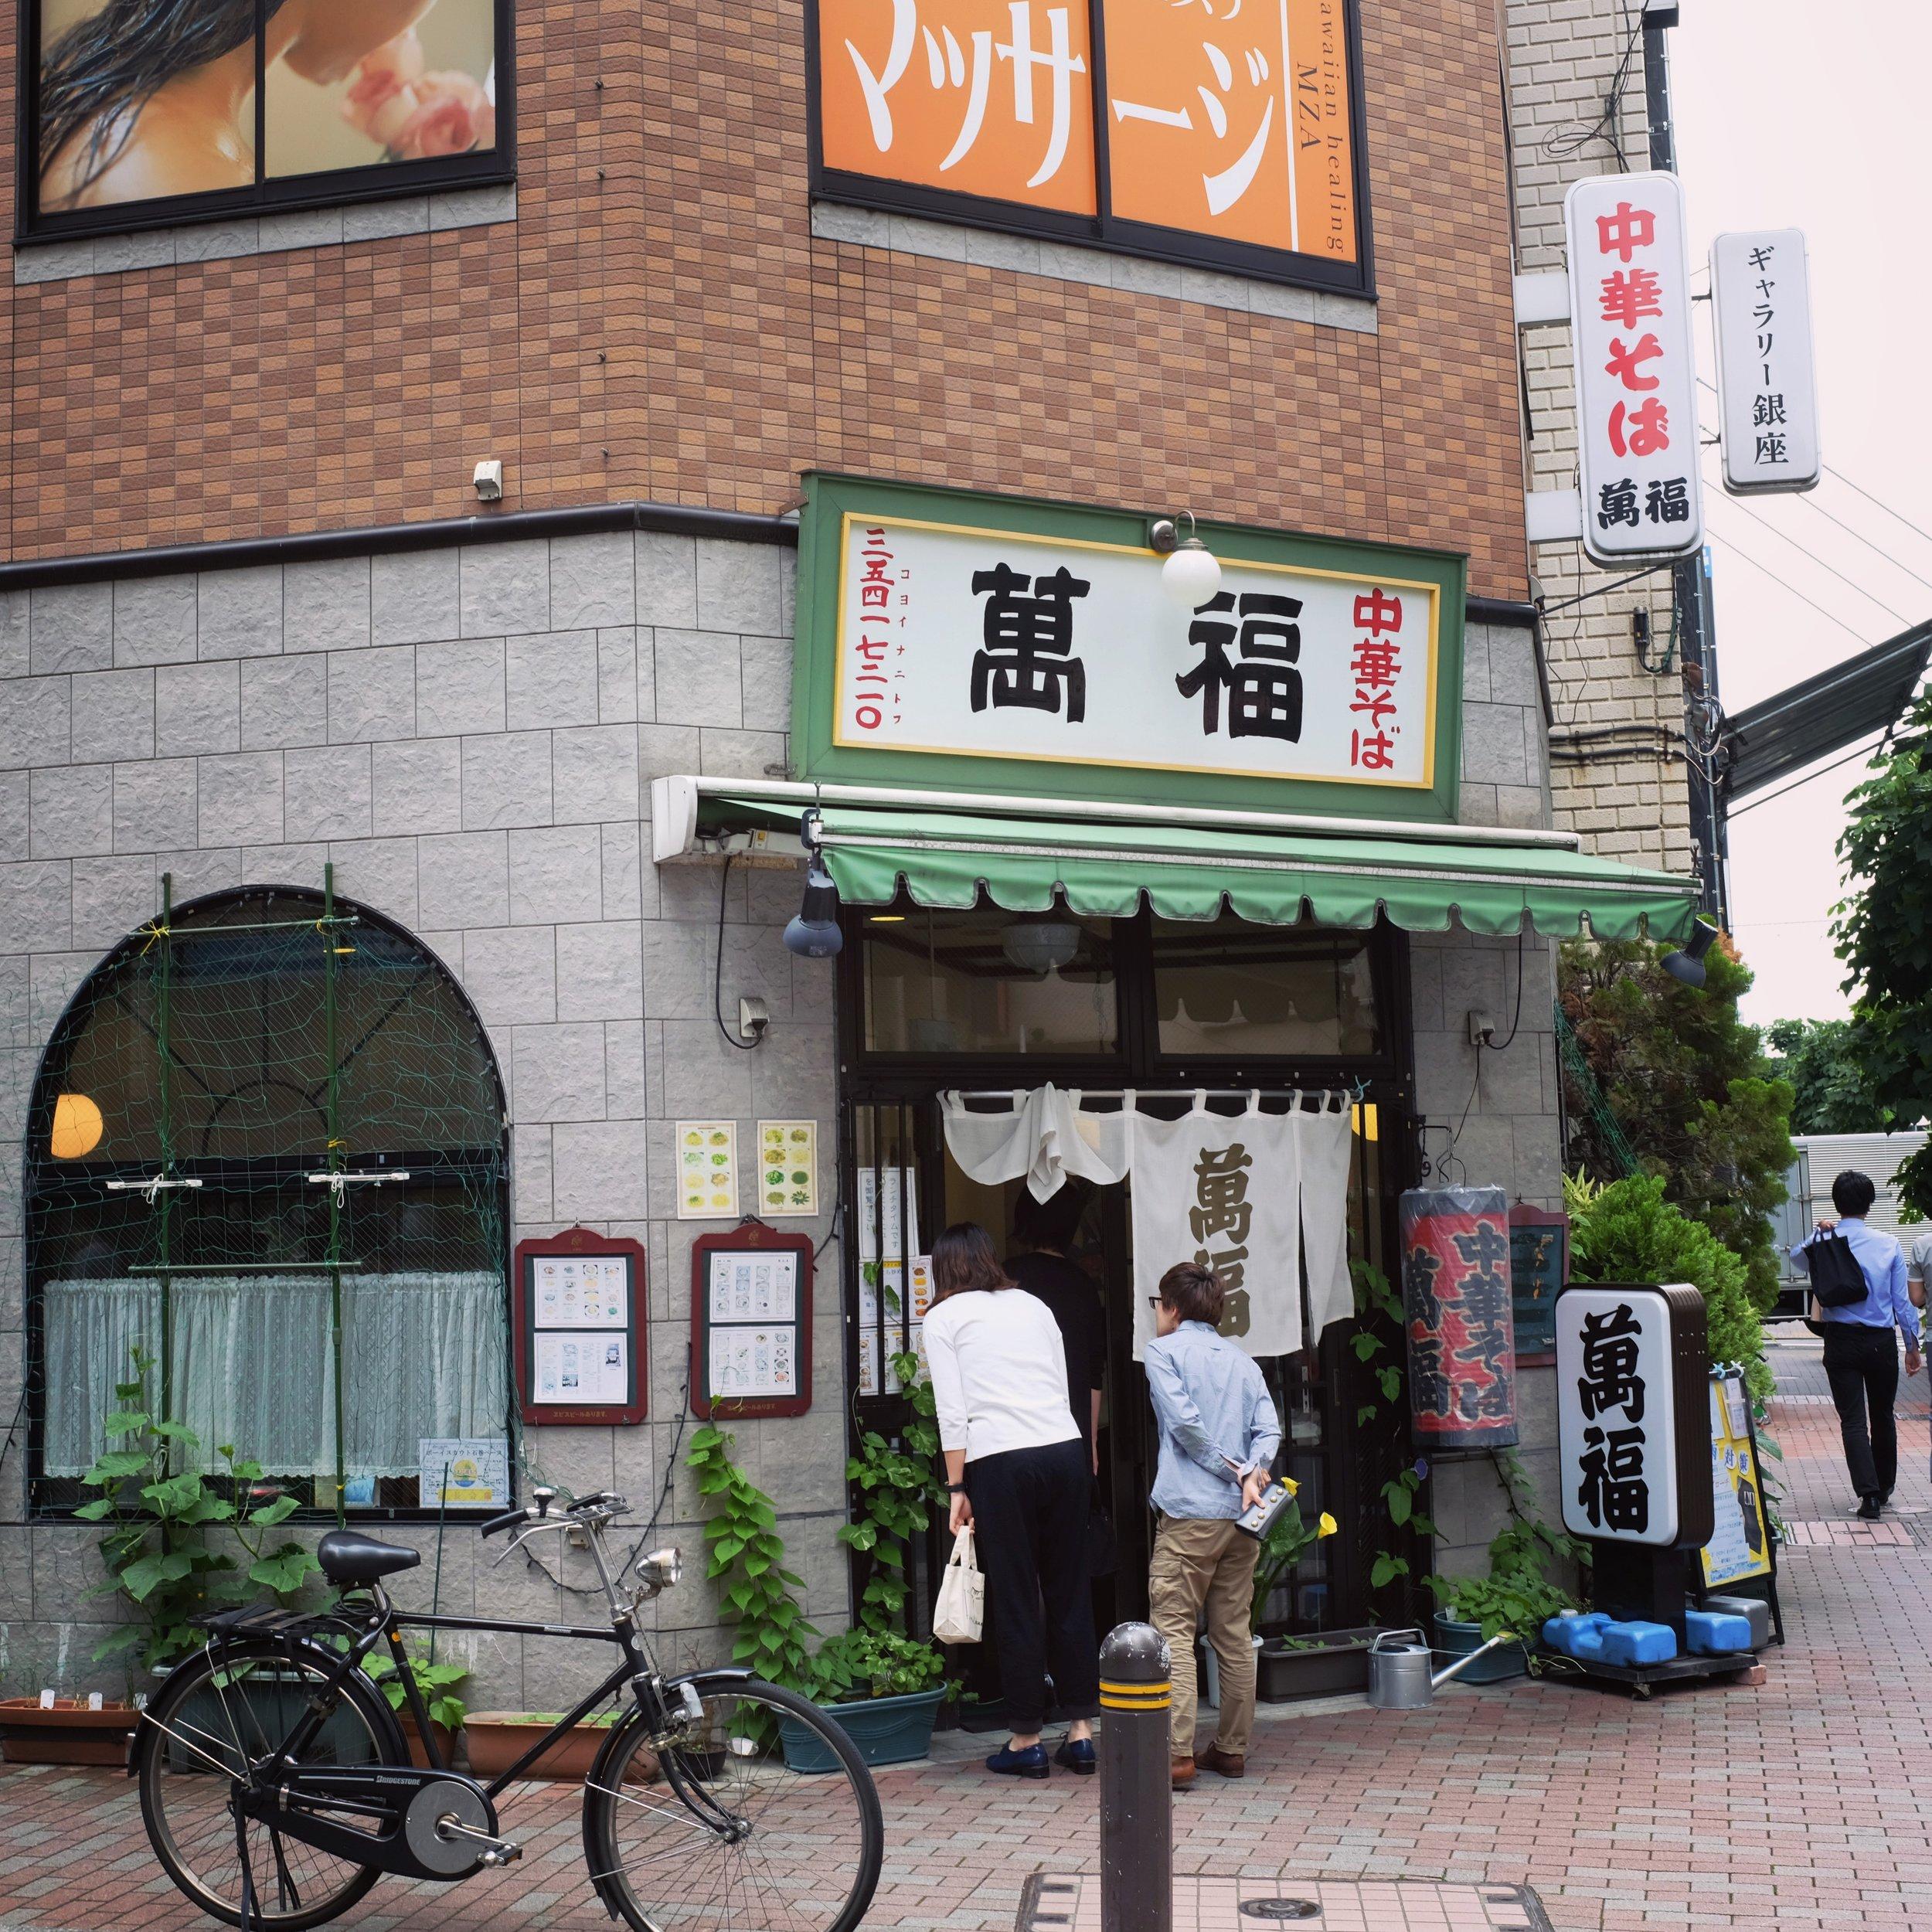 Manpuku Shop Abram.JPG